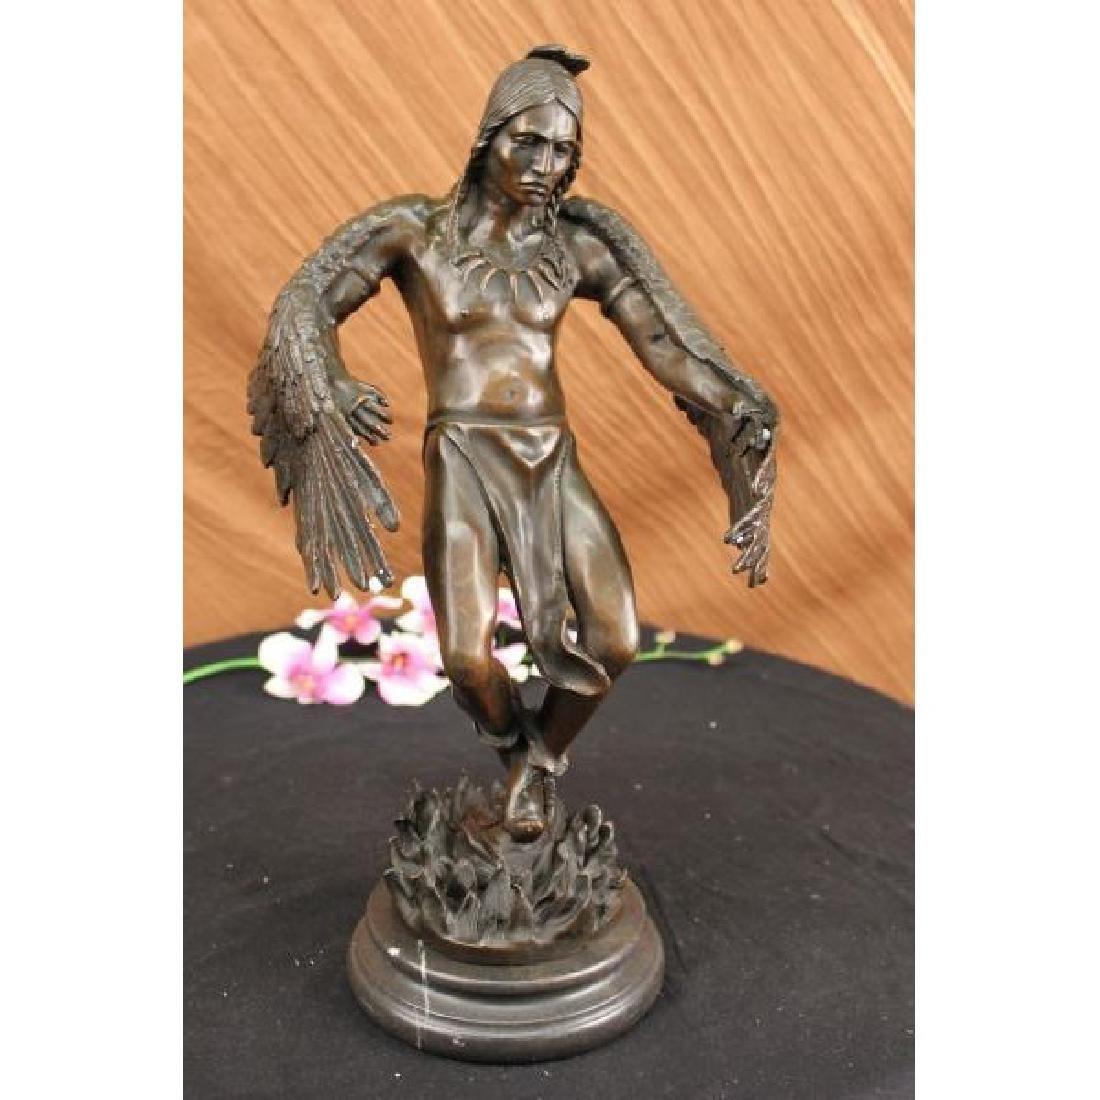 Milo American Indian Warrior Bronze Sculpture Art